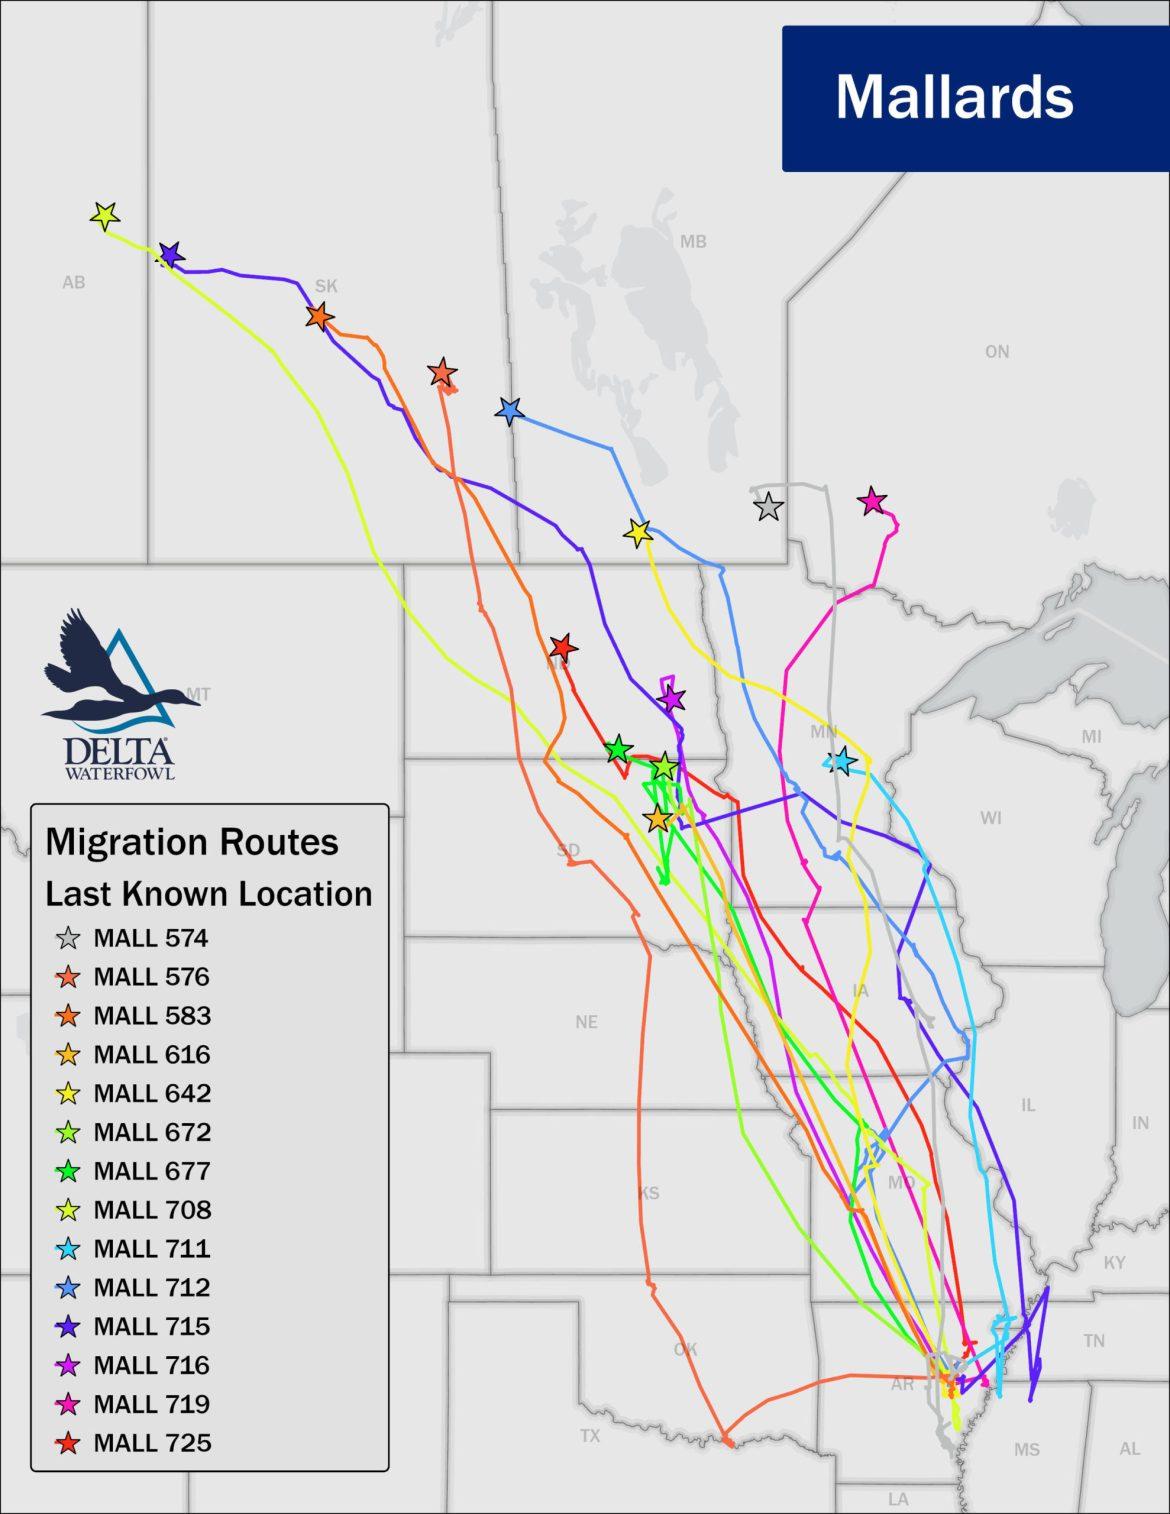 mallard migration movements